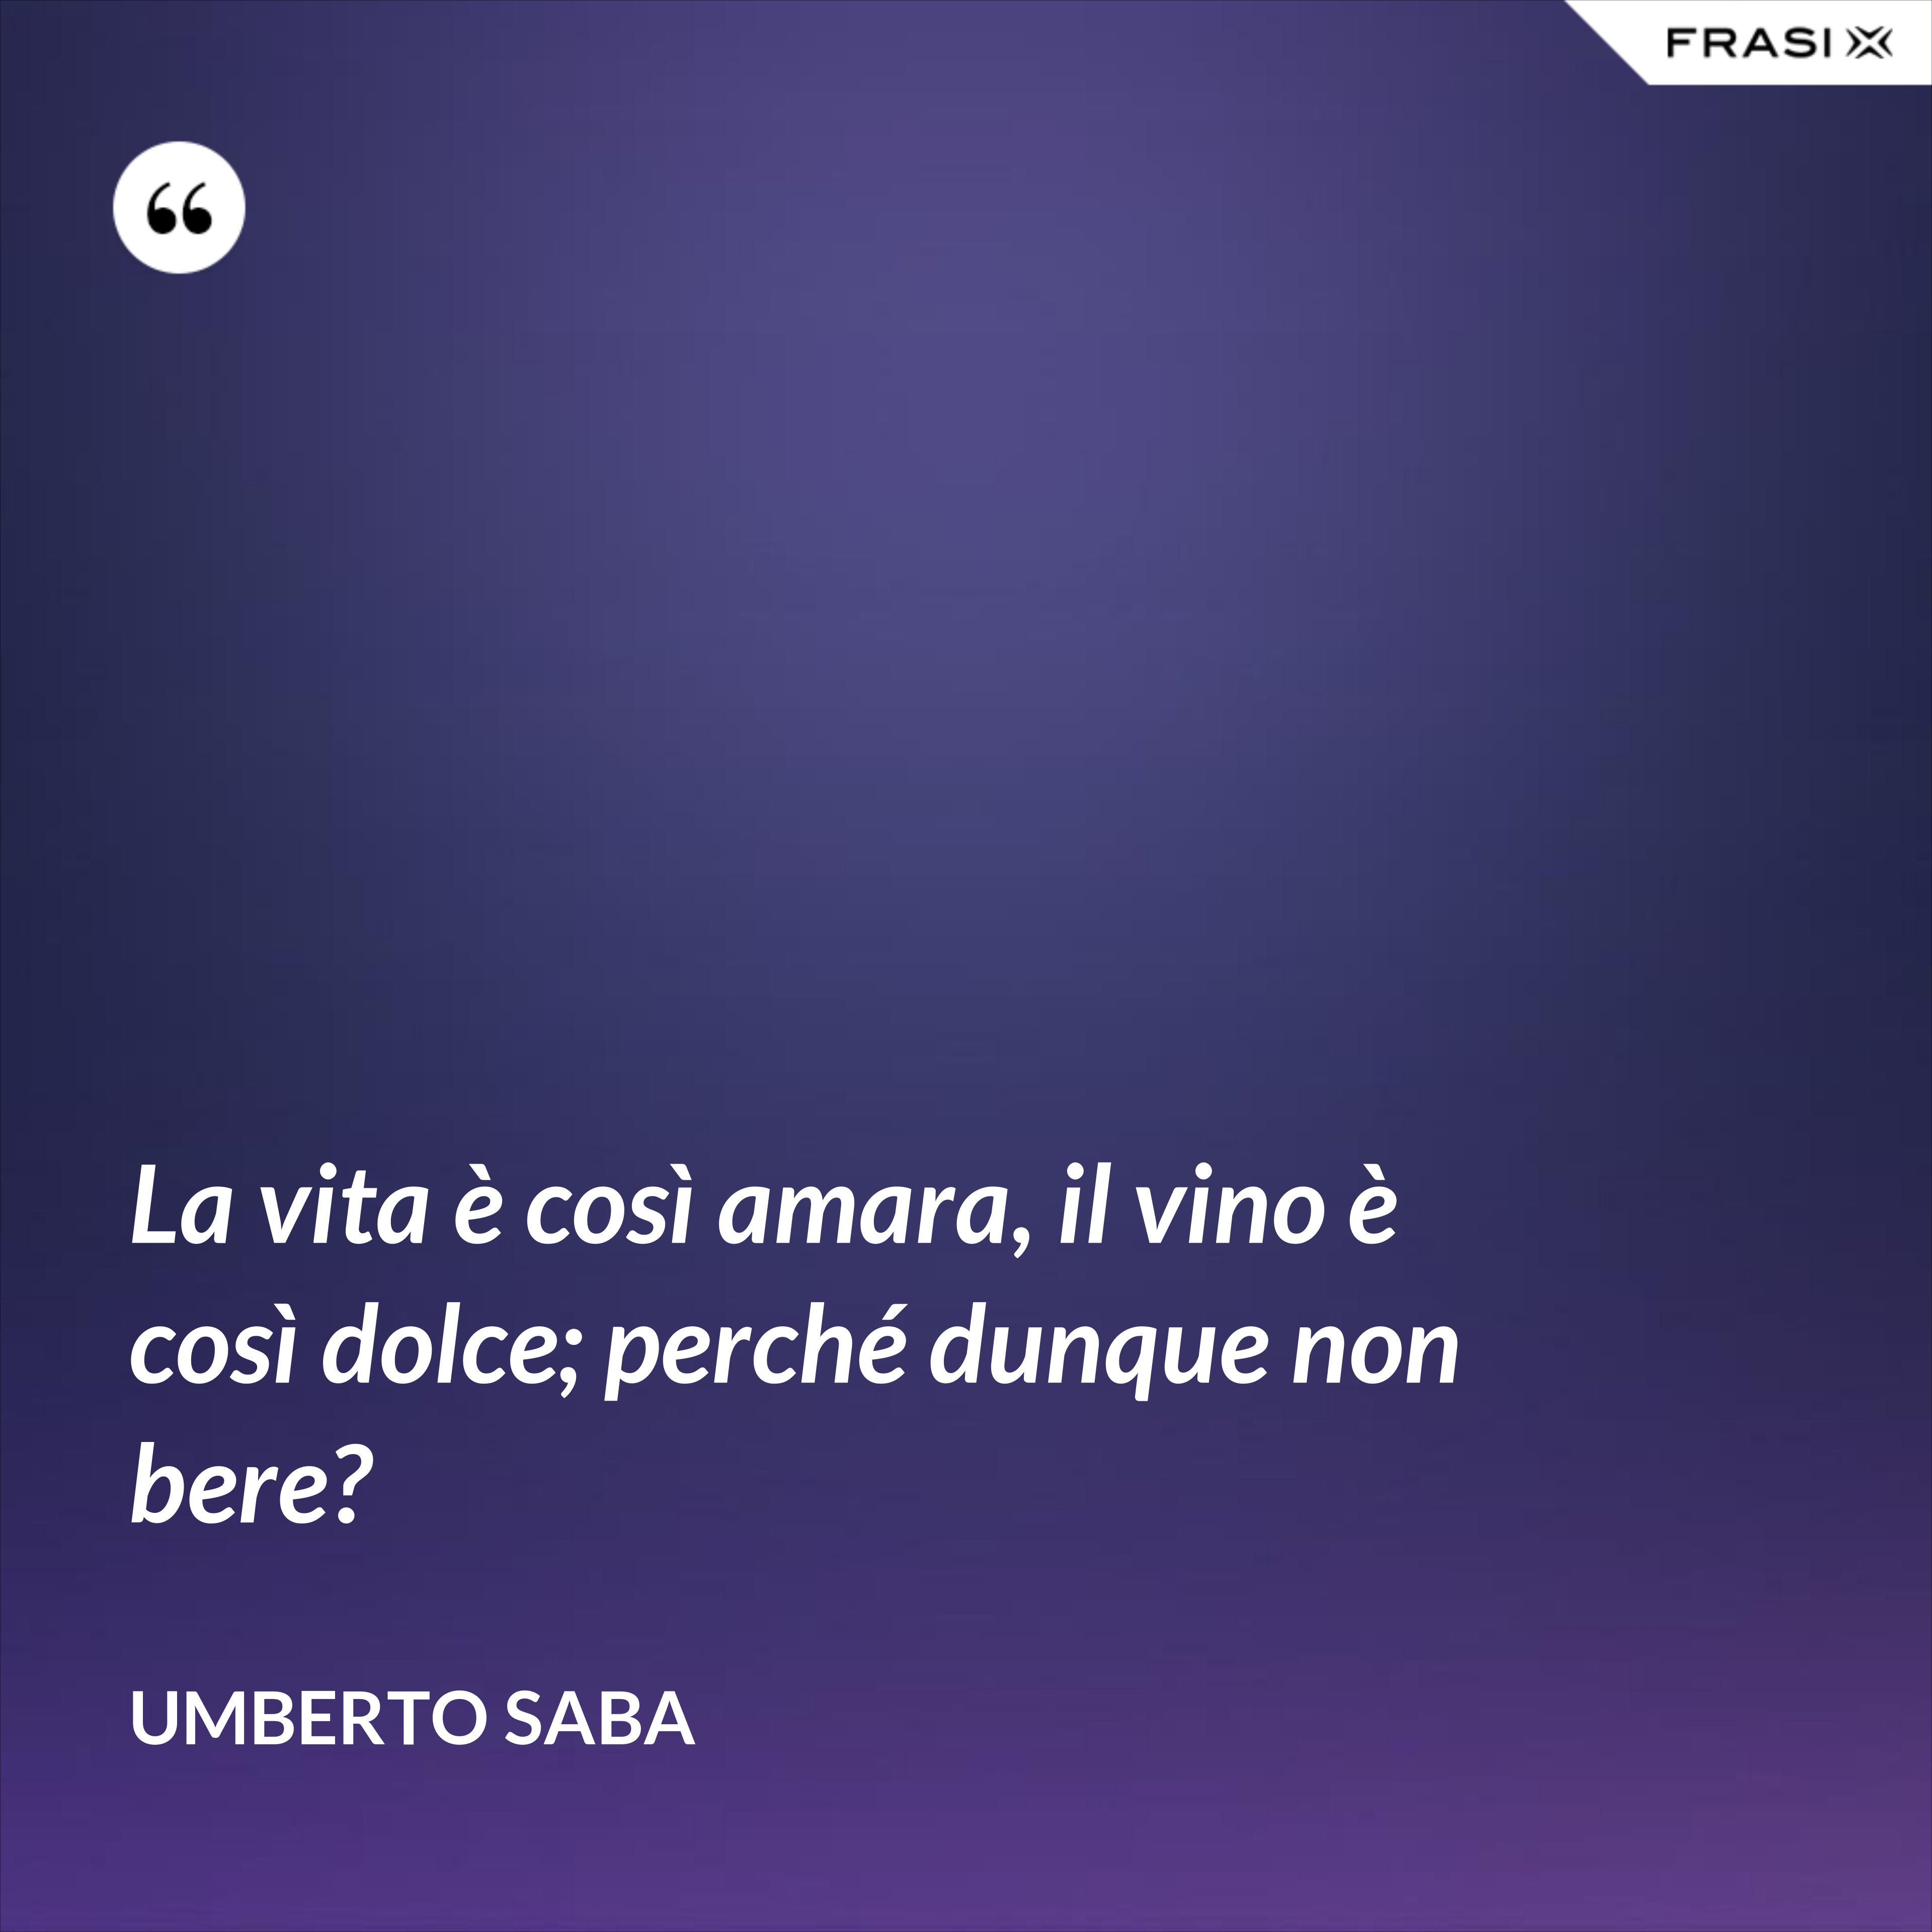 La vita è così amara, il vino è così dolce; perché dunque non bere? - Umberto Saba